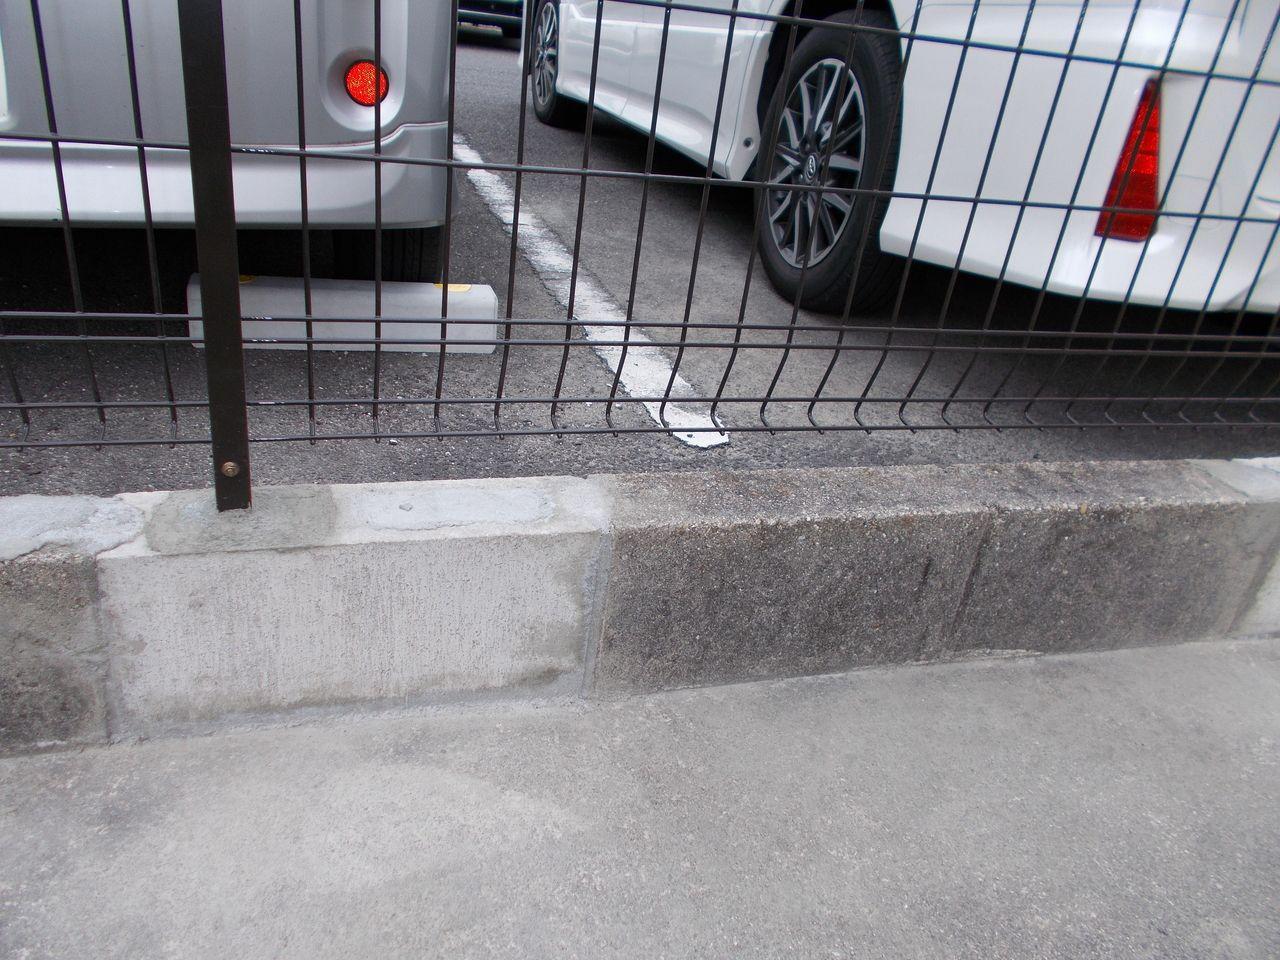 以前は輪止めがなかったので、バックの際に車をフェンスにぶつけてしまったようです。